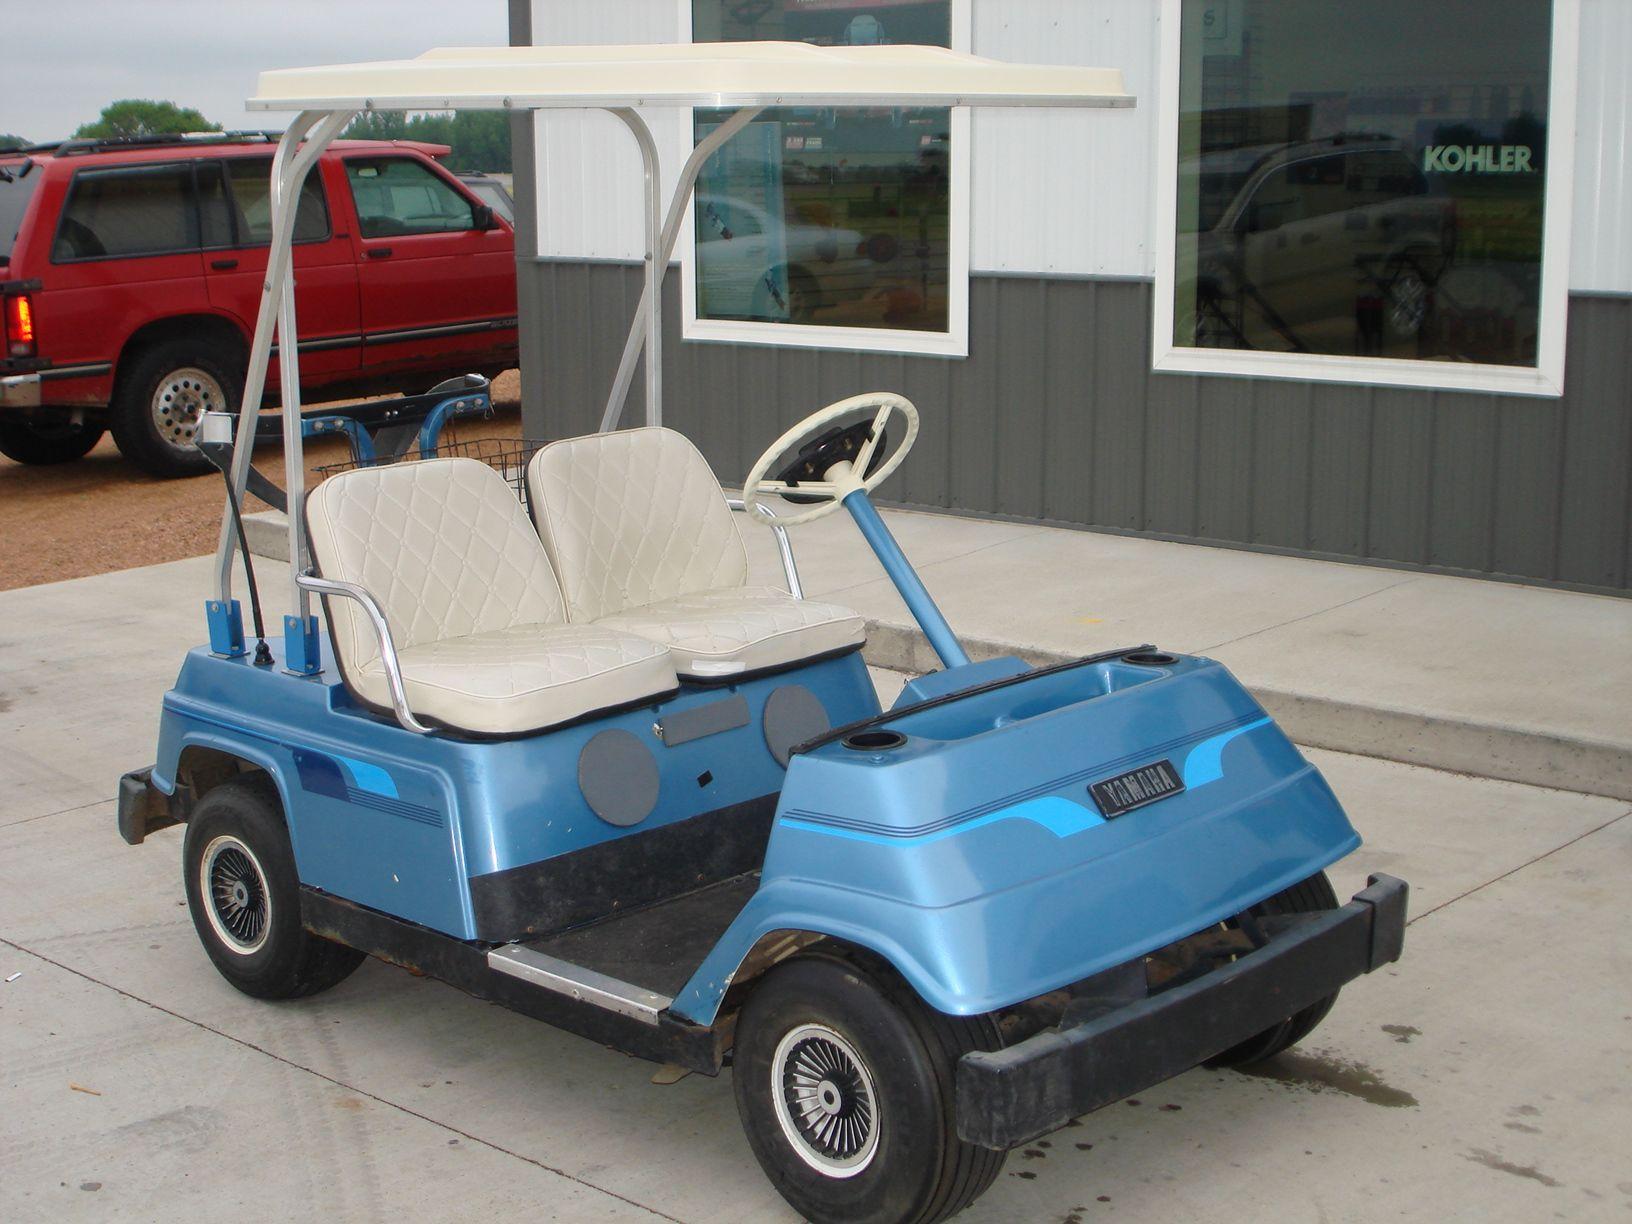 Yamaha G1 Examples | Golf cart | Pinterest | Golf carts